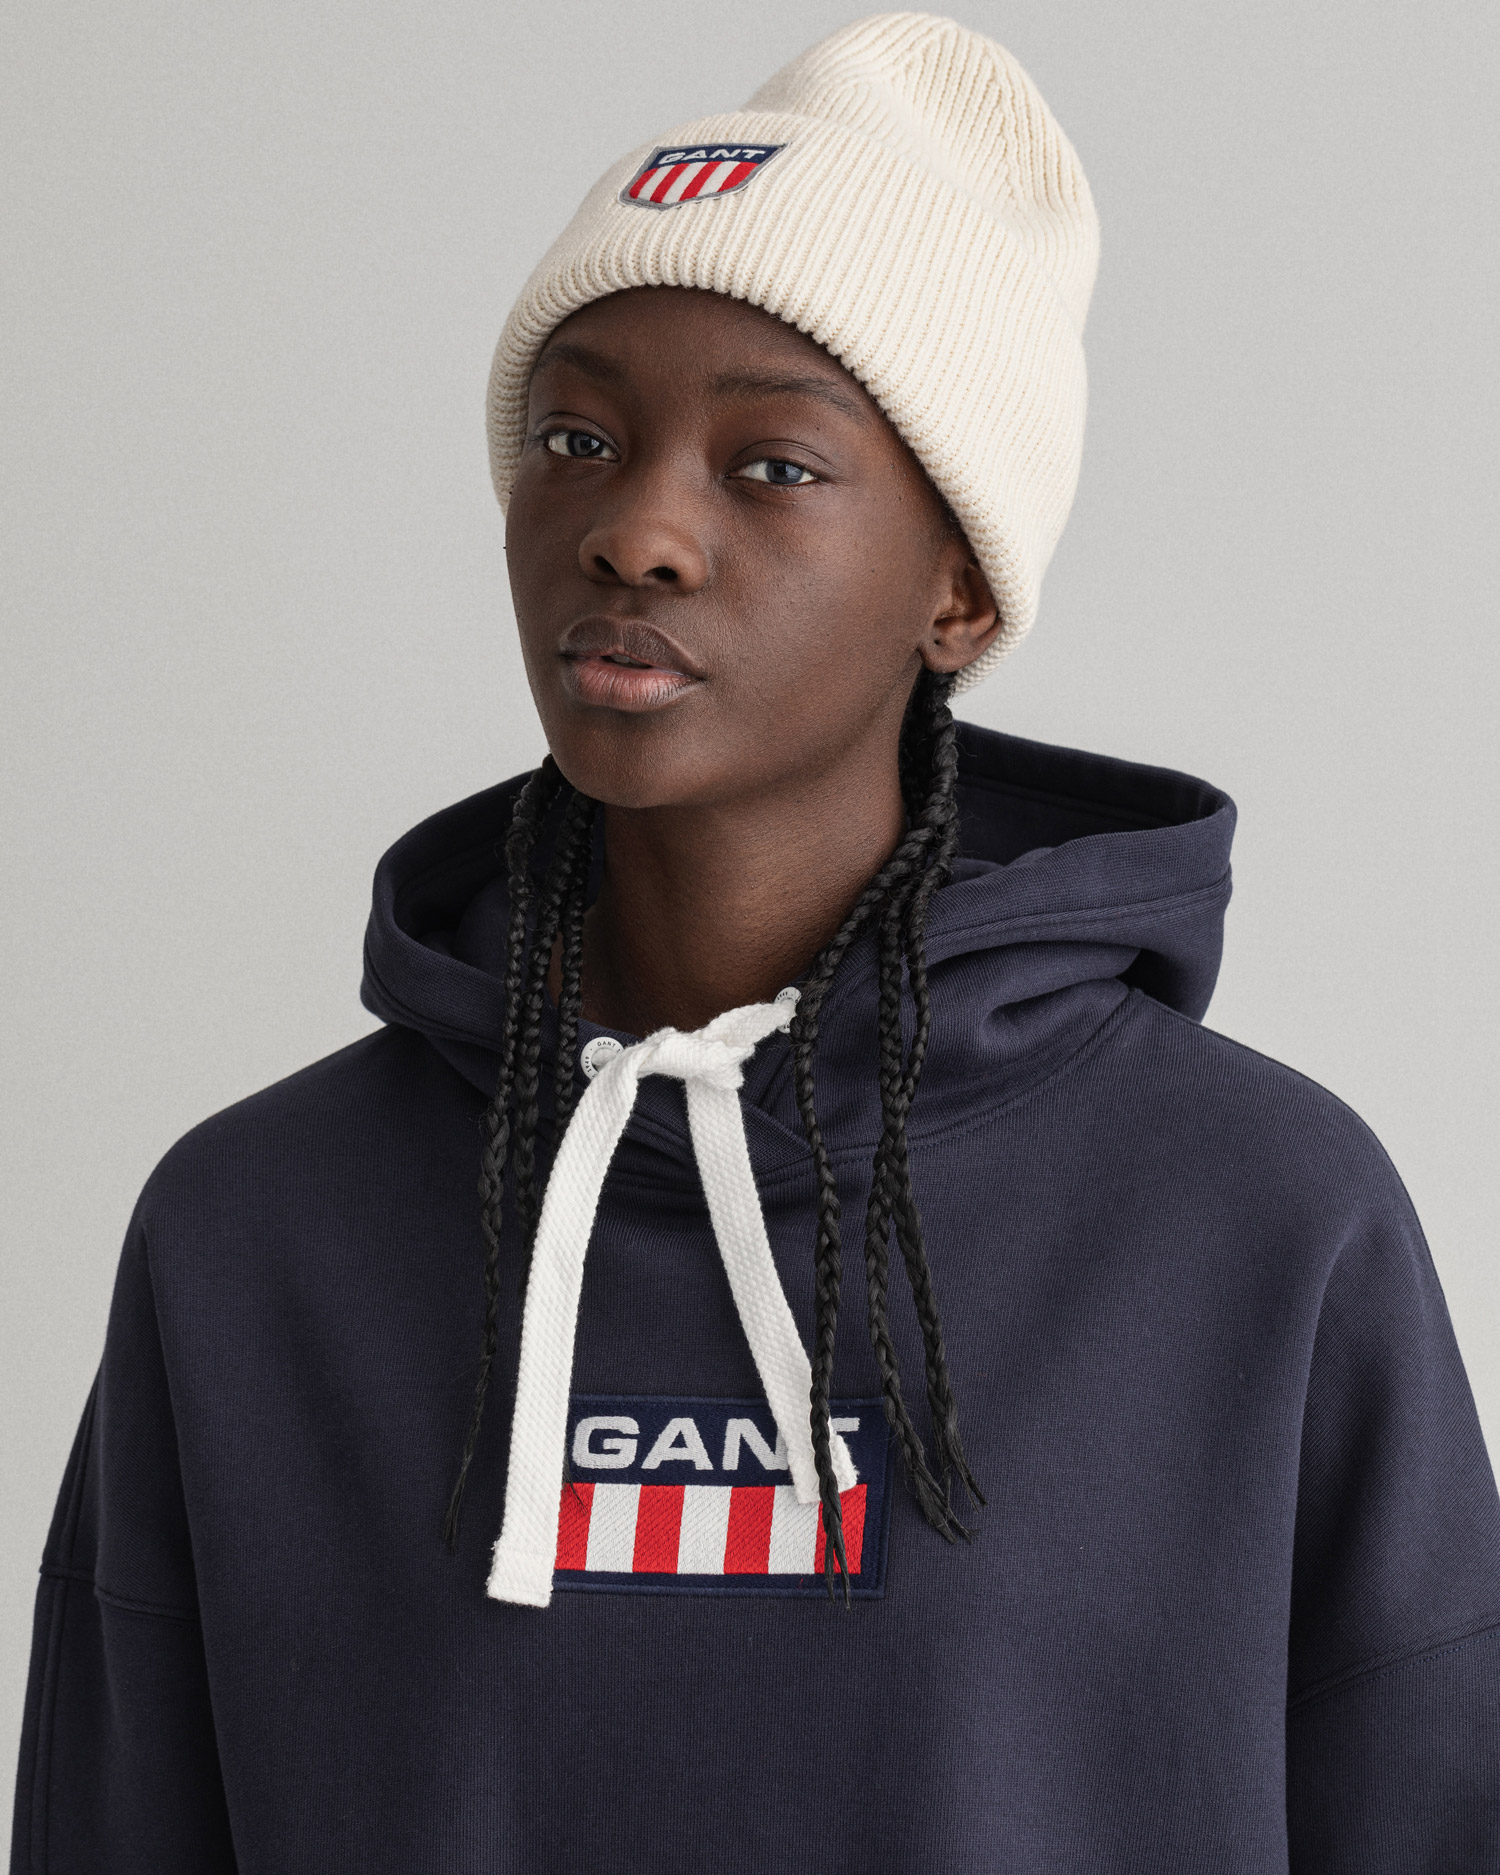 GANT damska bluza z kapturem z logo w stylu retro - 4200634